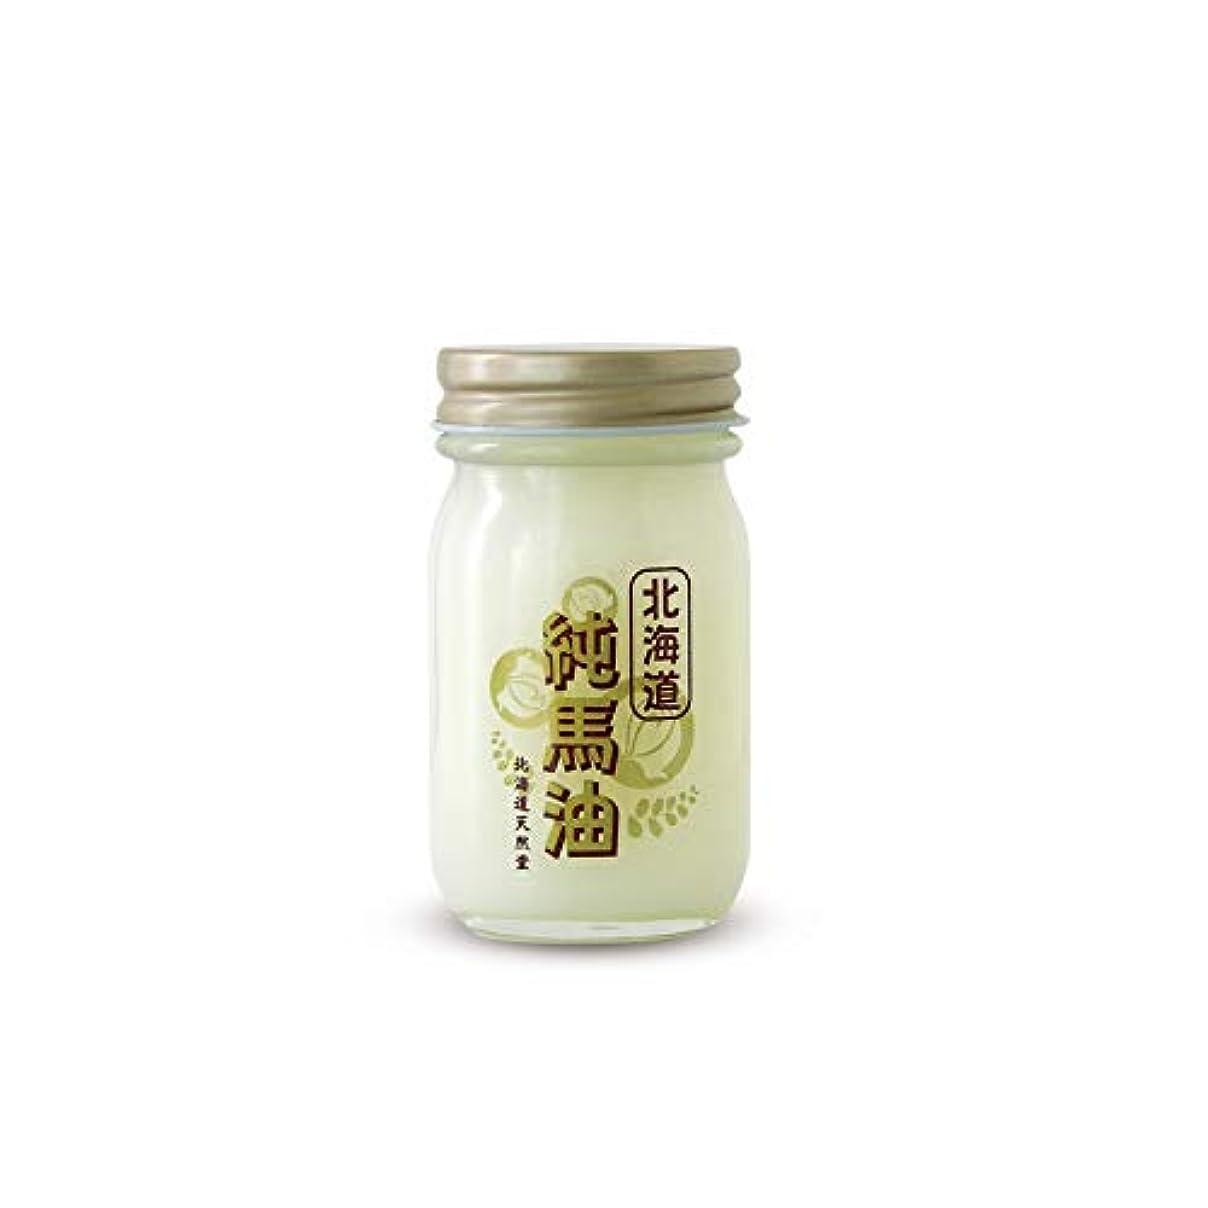 面積牧師やけど純馬油 70ml 【国内限定】/ 北海道天然堂